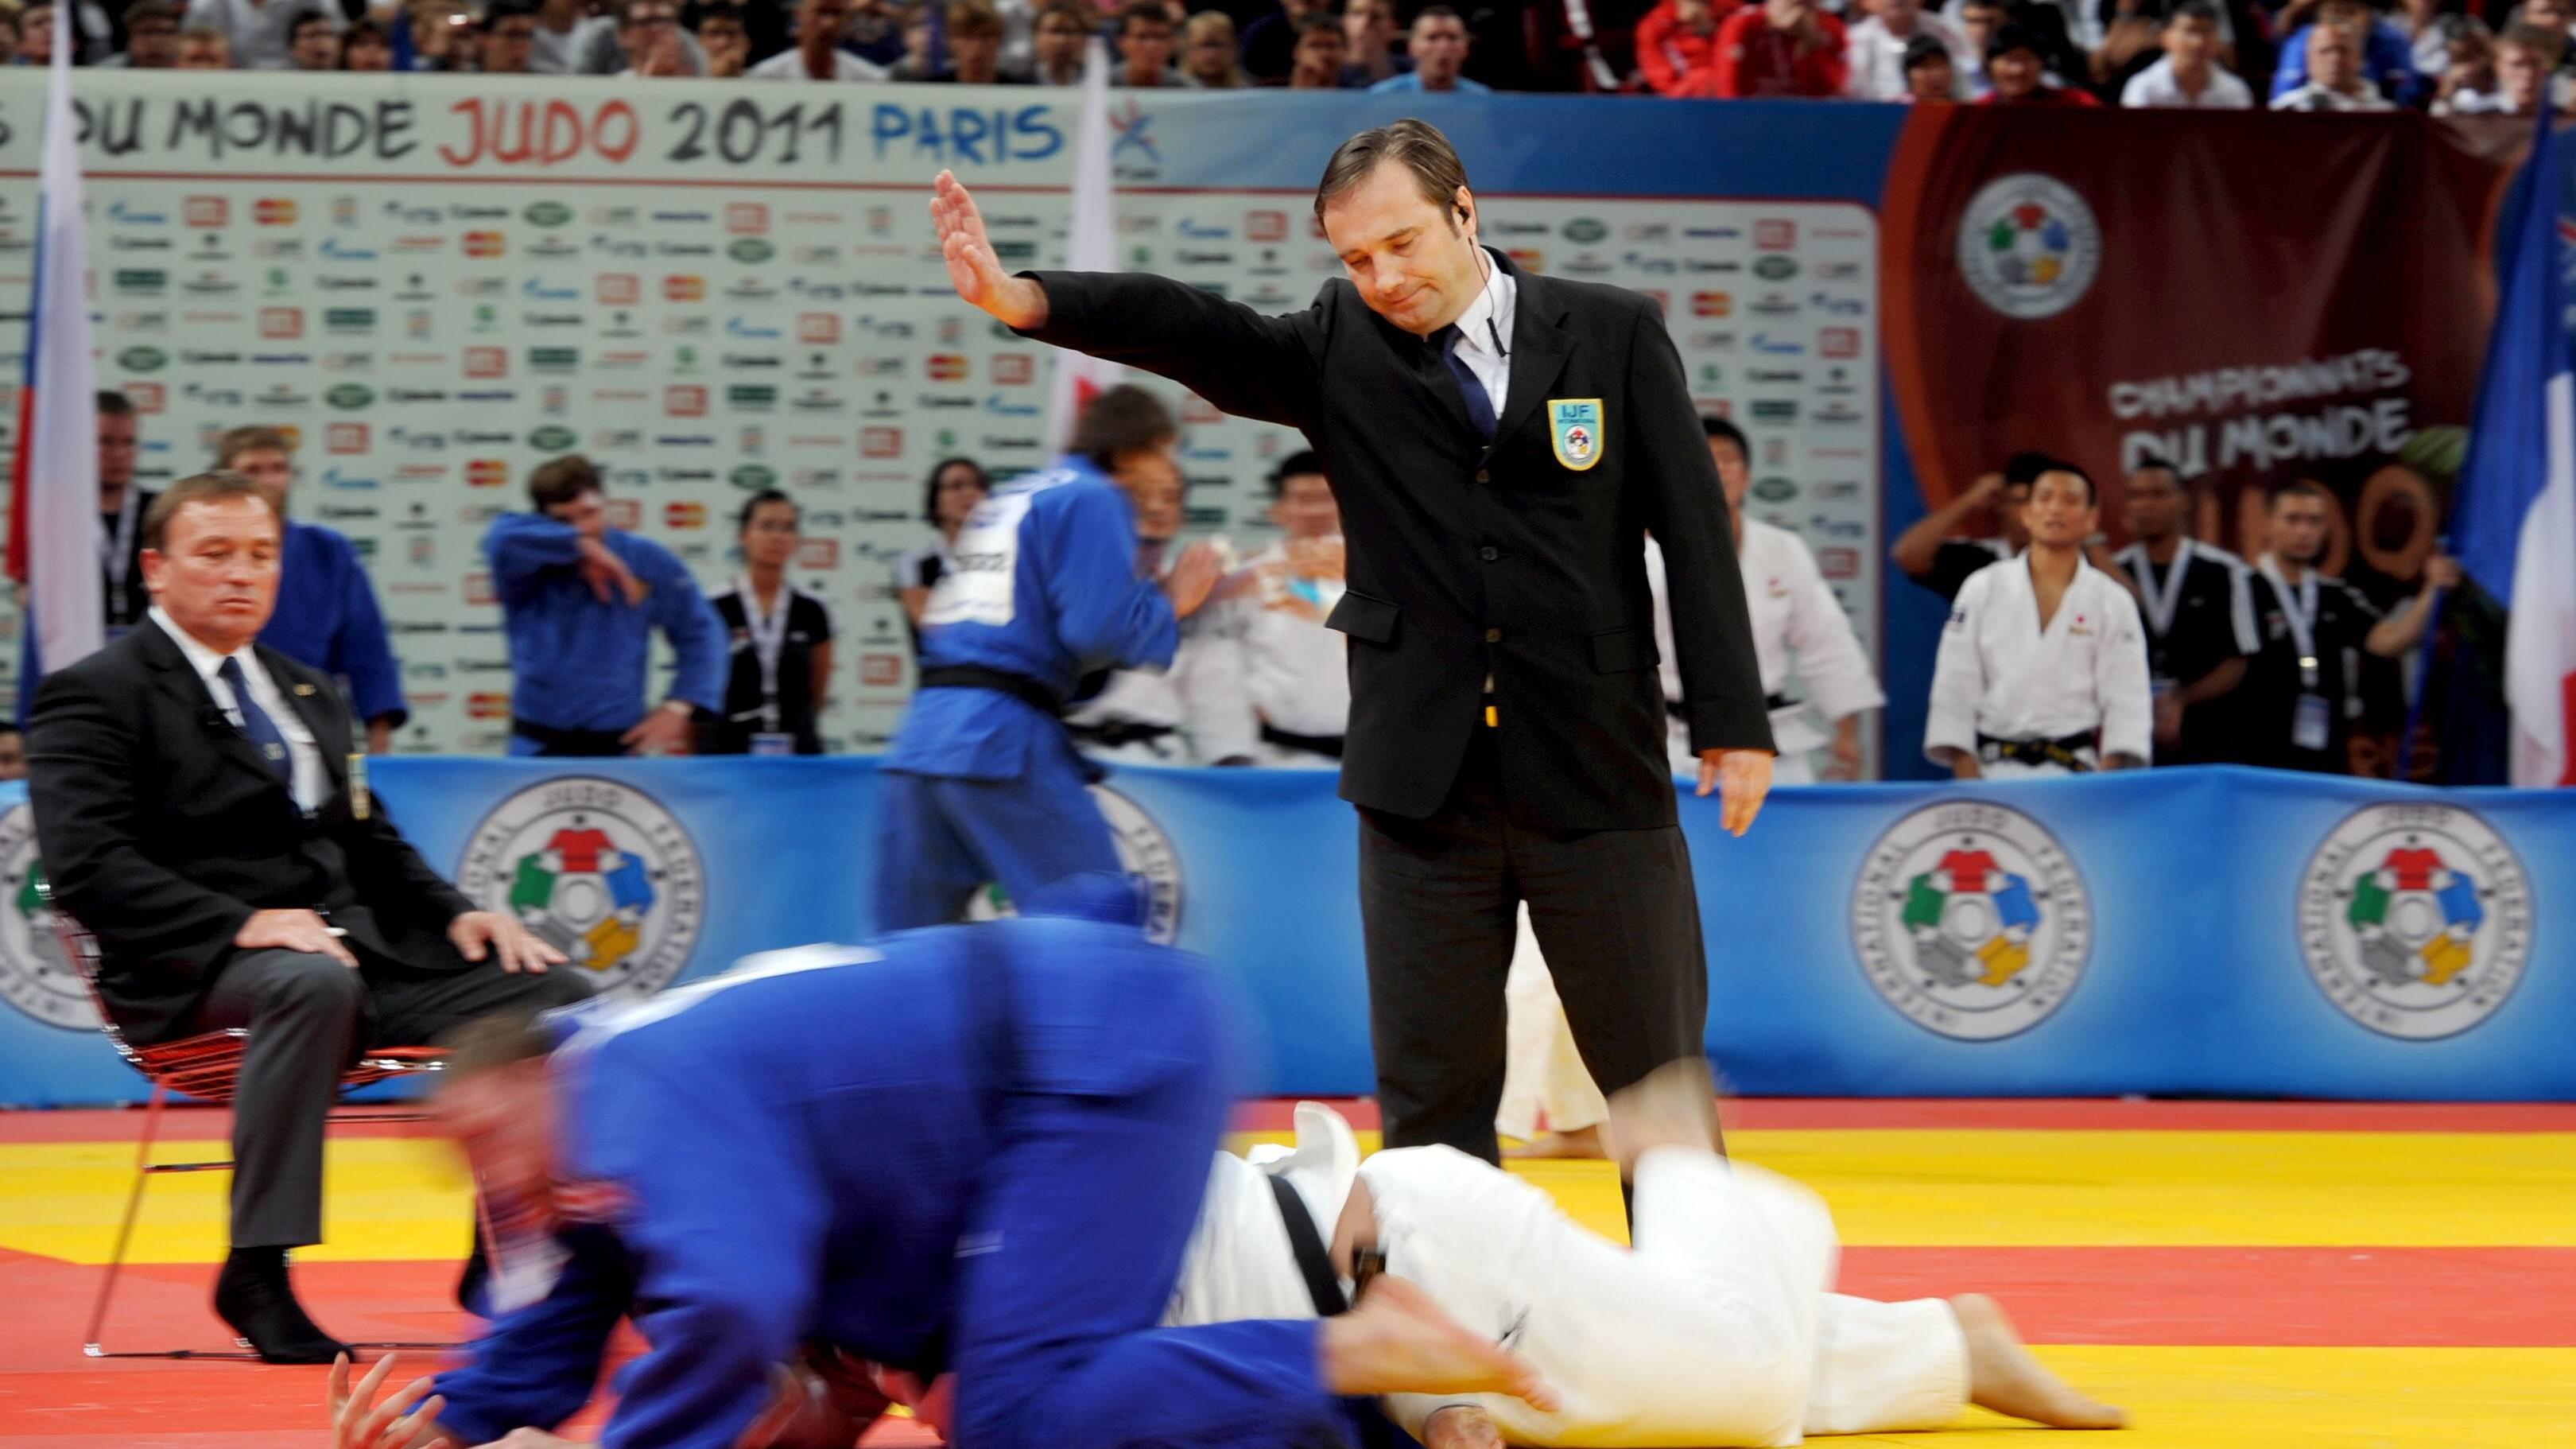 Drei Kampfrichter entscheiden über die Bewertung der Judoka.